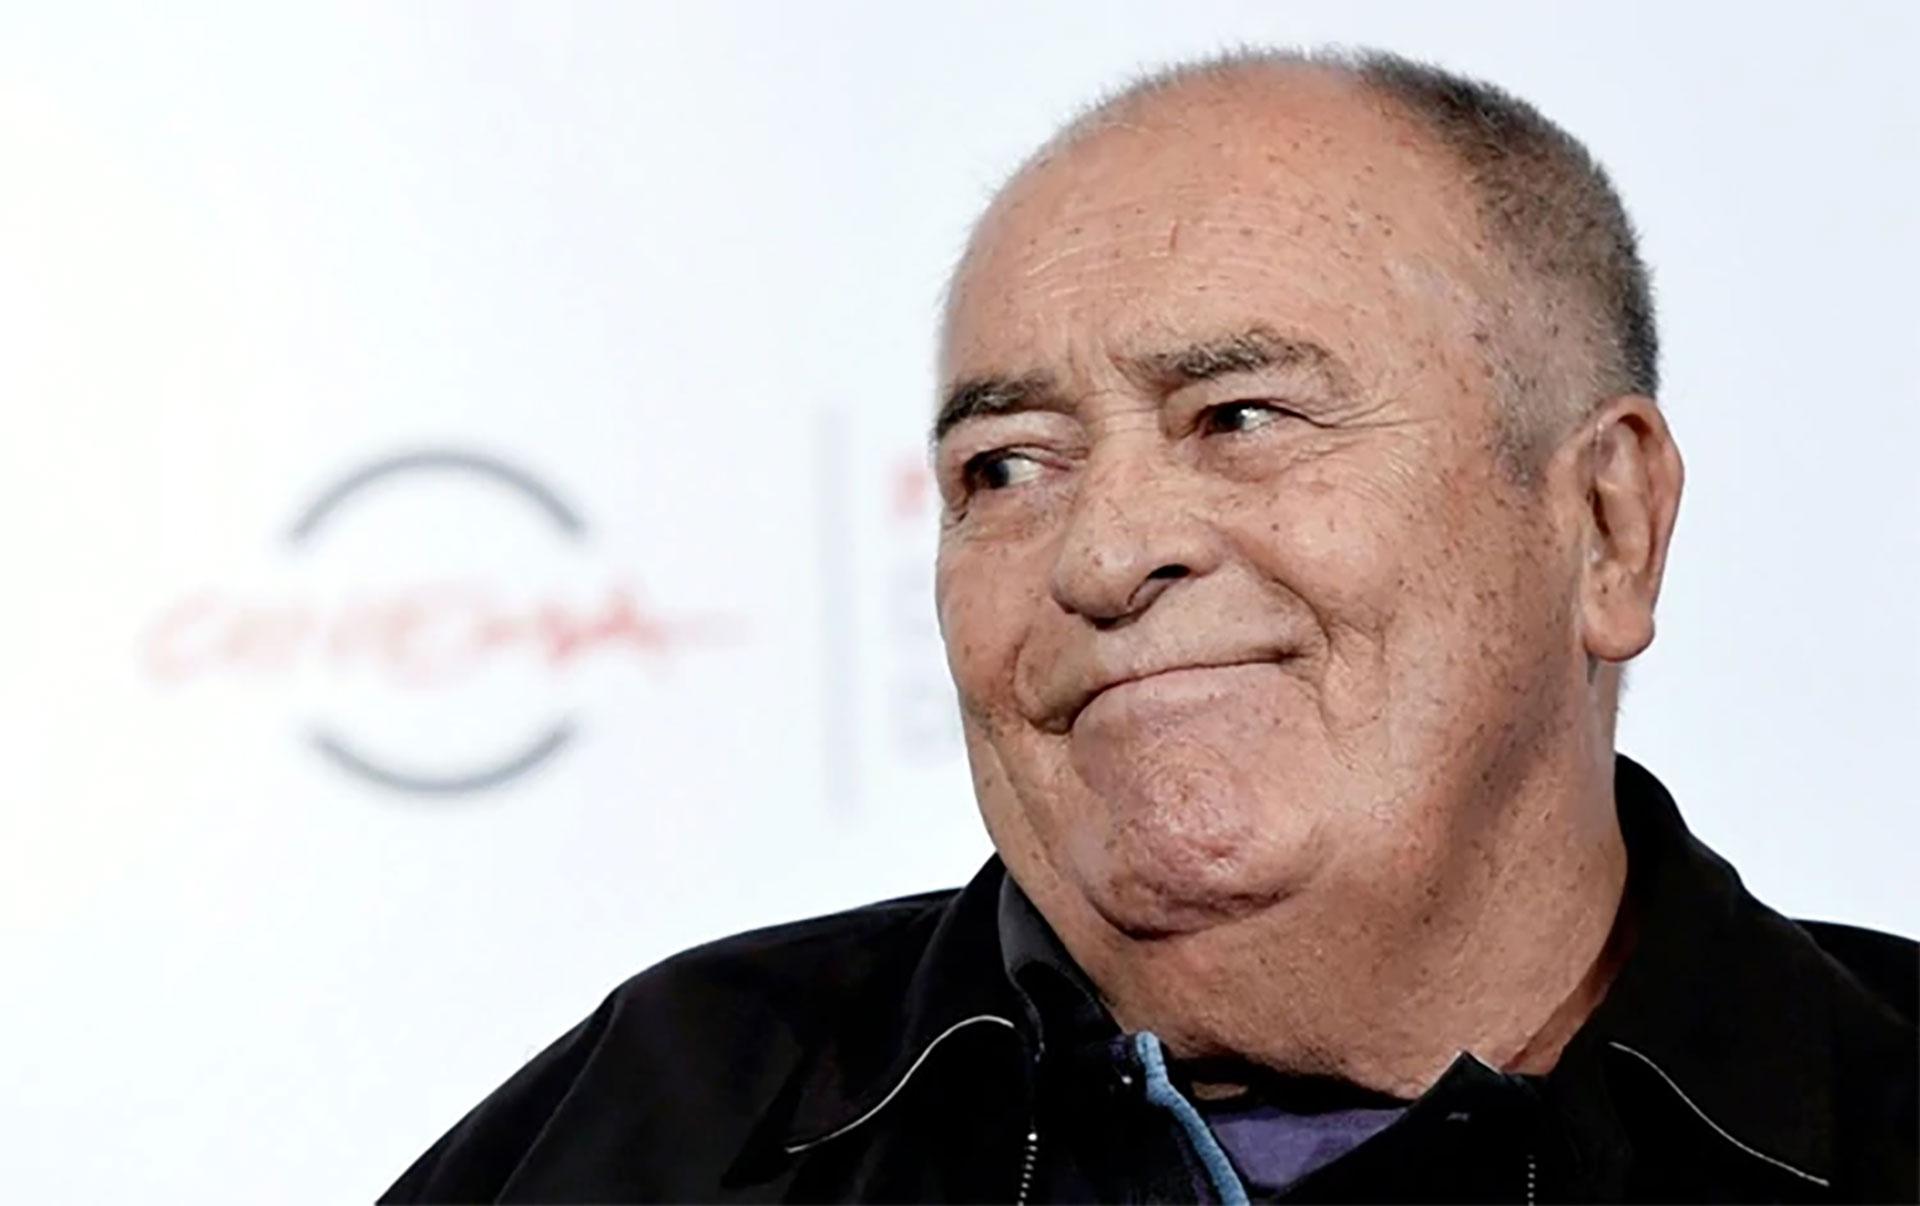 """El director italiano falleció en Roma a los 77 años, tras una carrera coronada por obras clave del cine como la erótica """"El último tango en París"""" y el drama épico """"Novecento""""."""